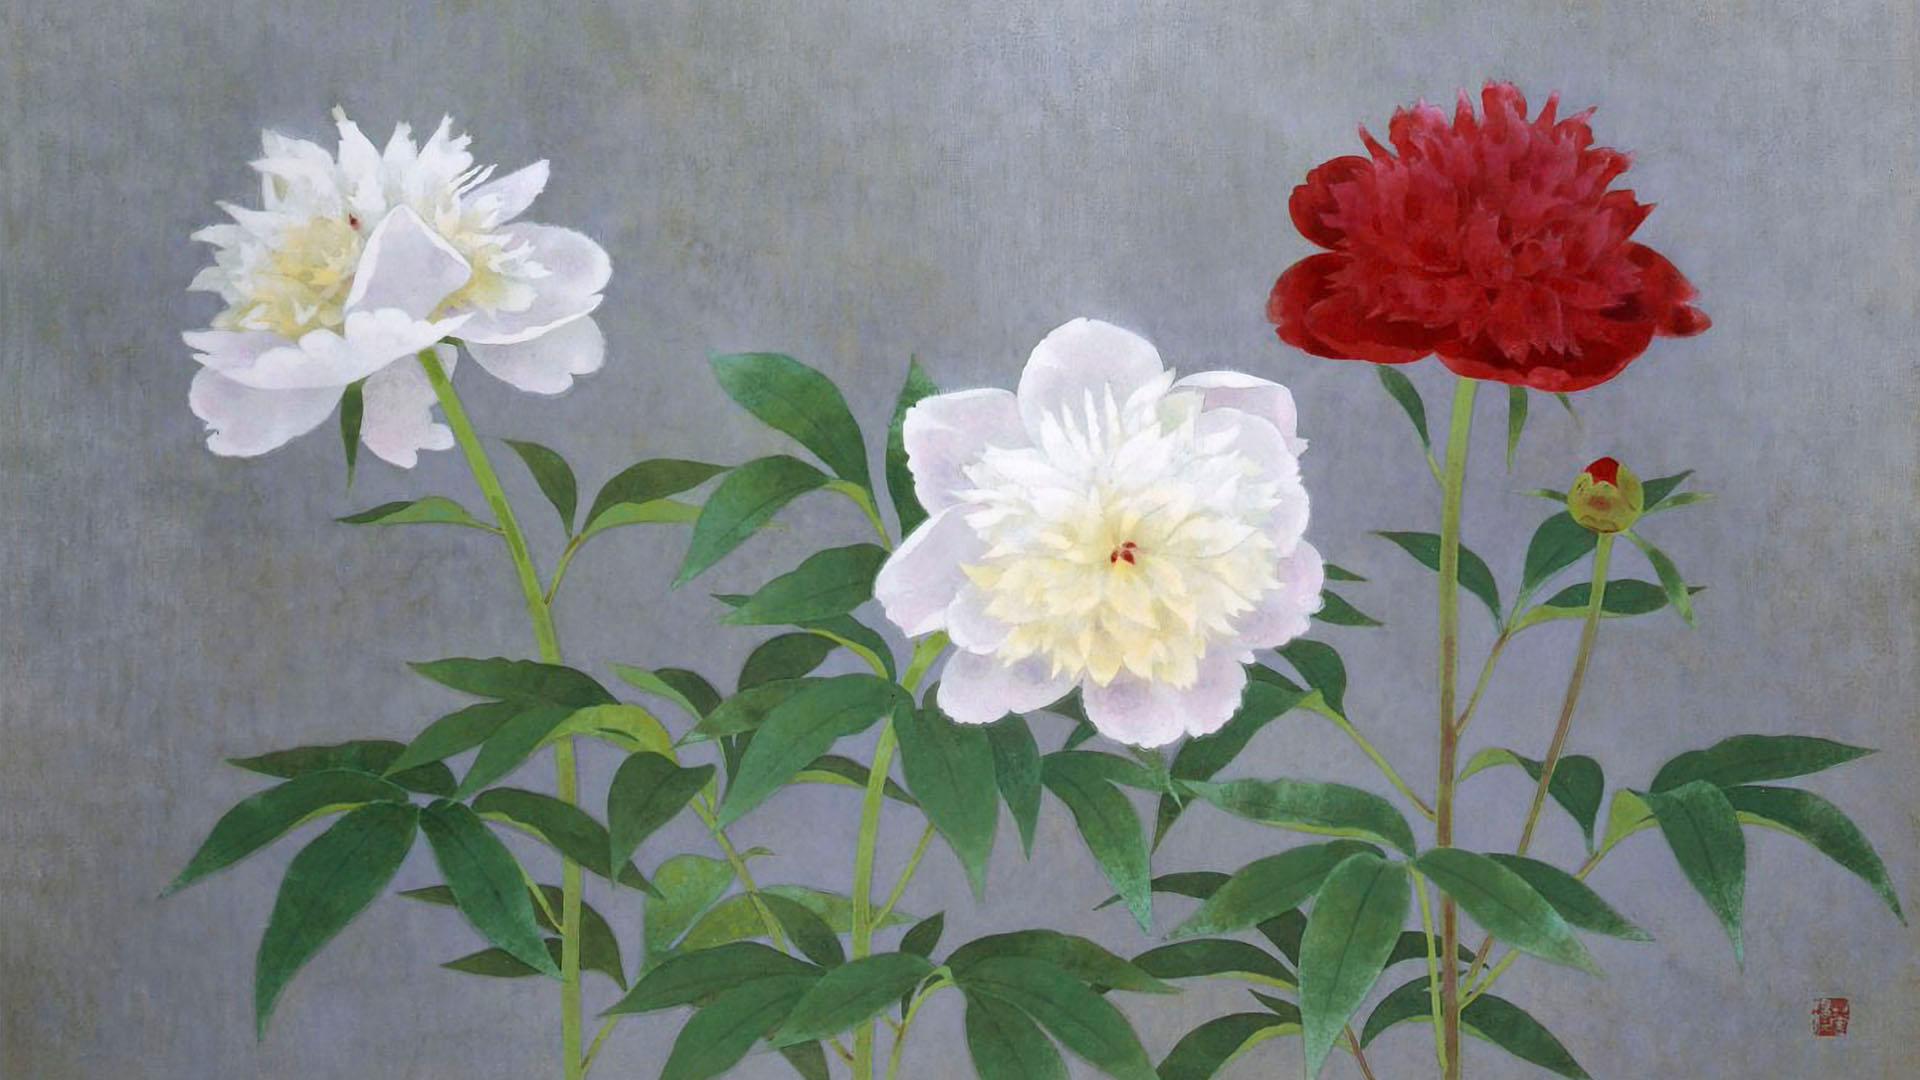 Yamaguchi Kayo - Shakuyaku 1920x1080